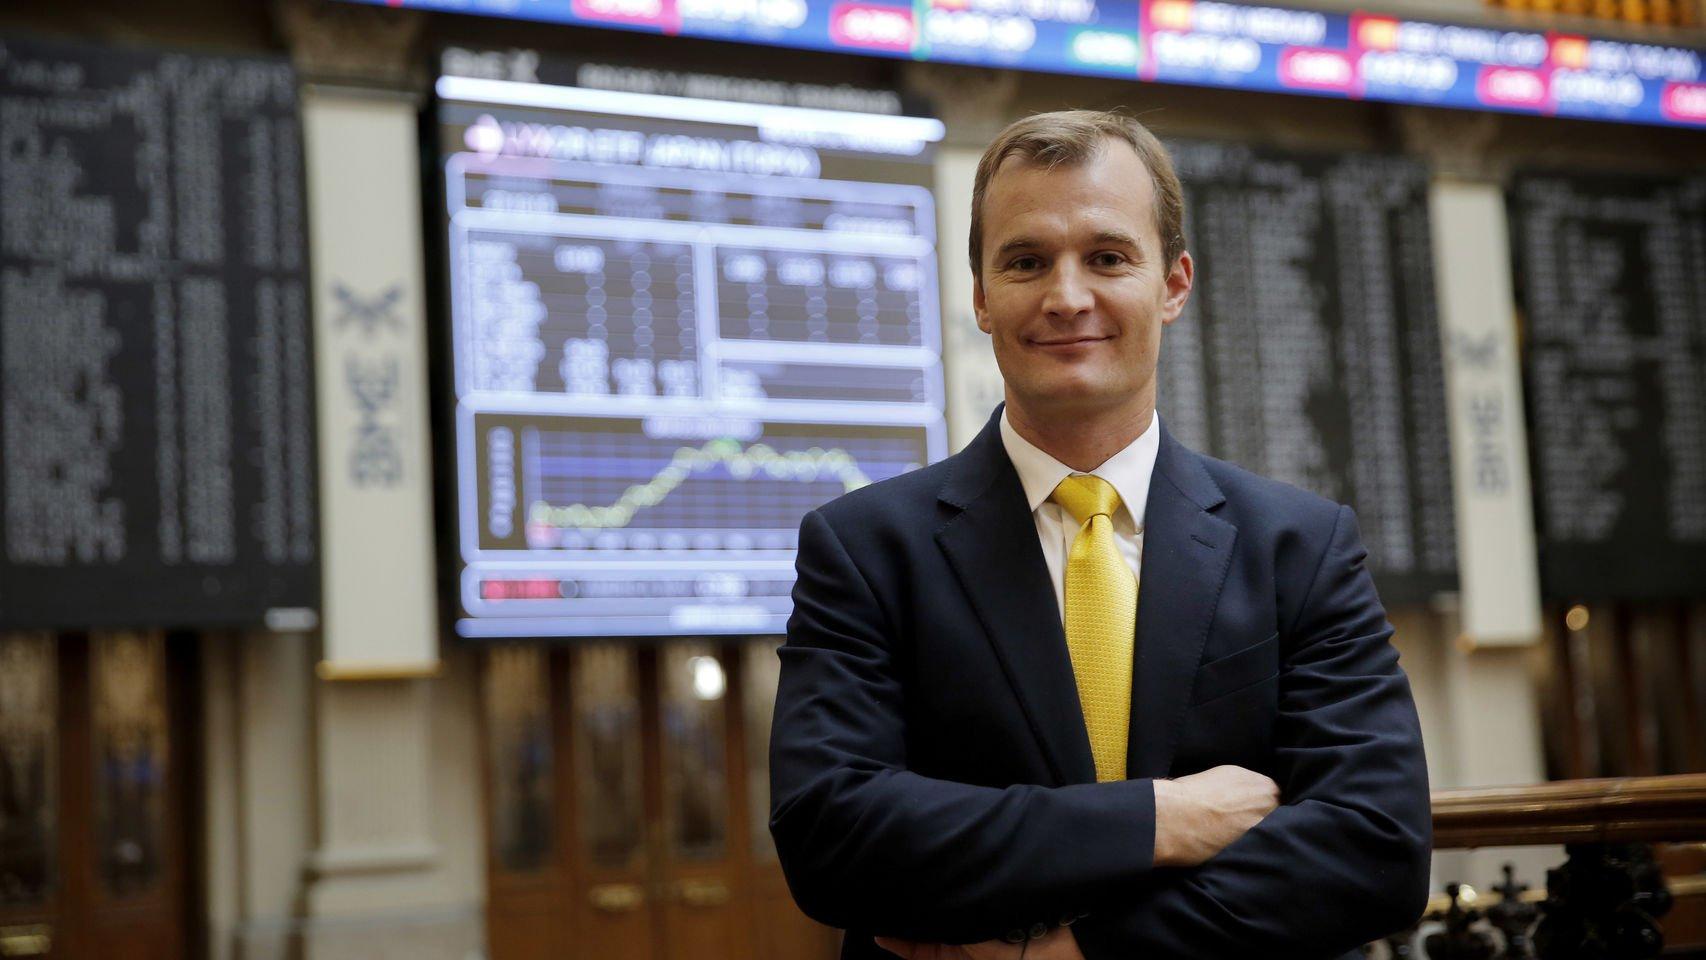 Meinrad Spenger ganó 1,6 millones en 2019, demasiado para el 24% de los accionistas